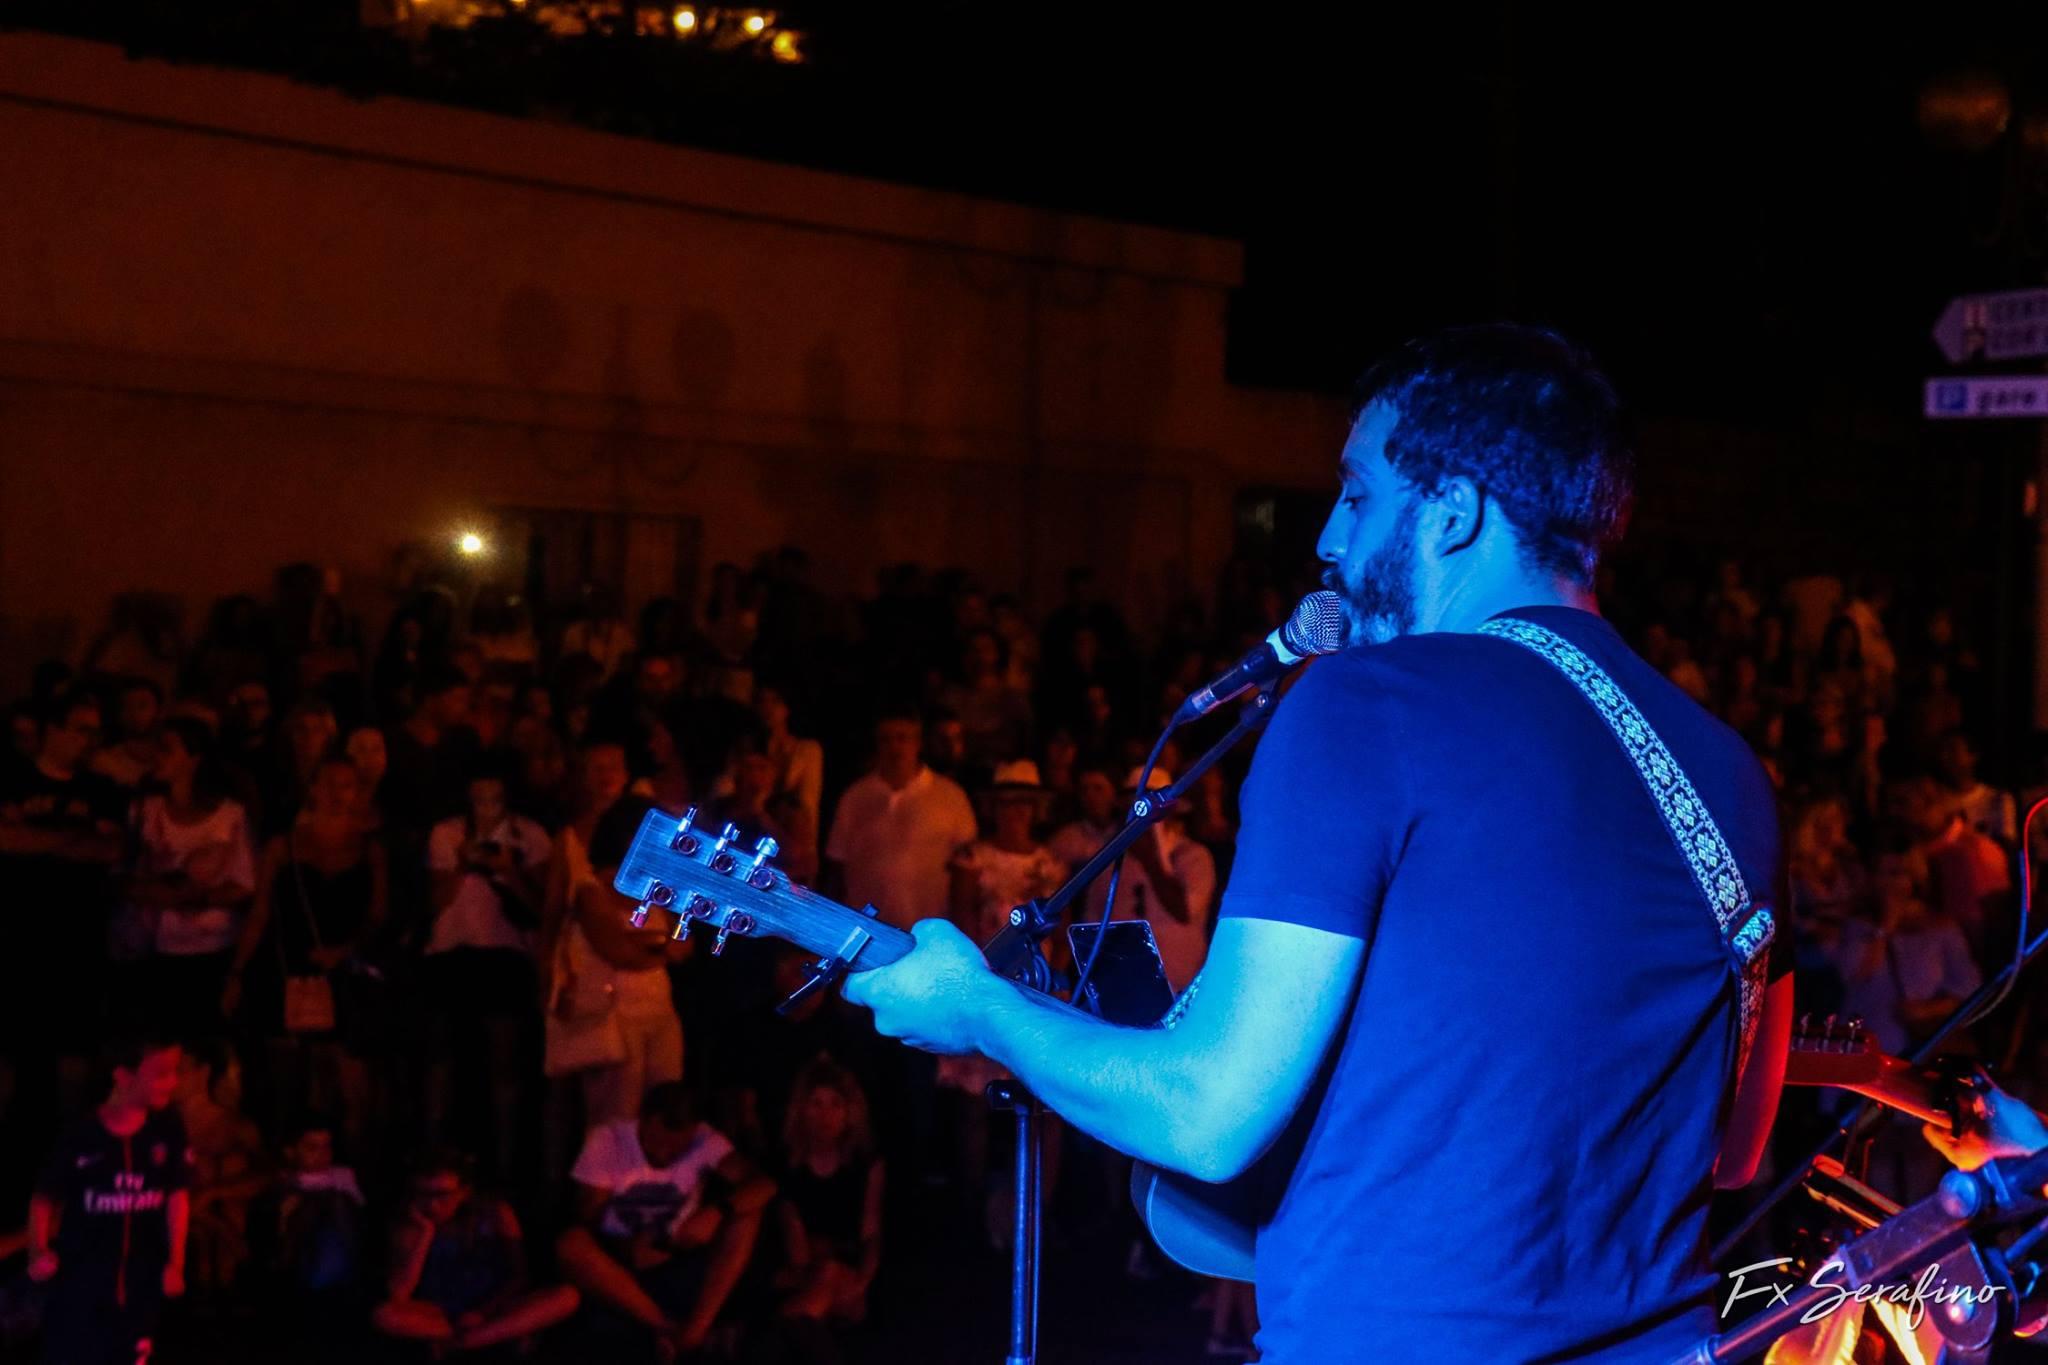 Concert Porto-Vecchio 2017